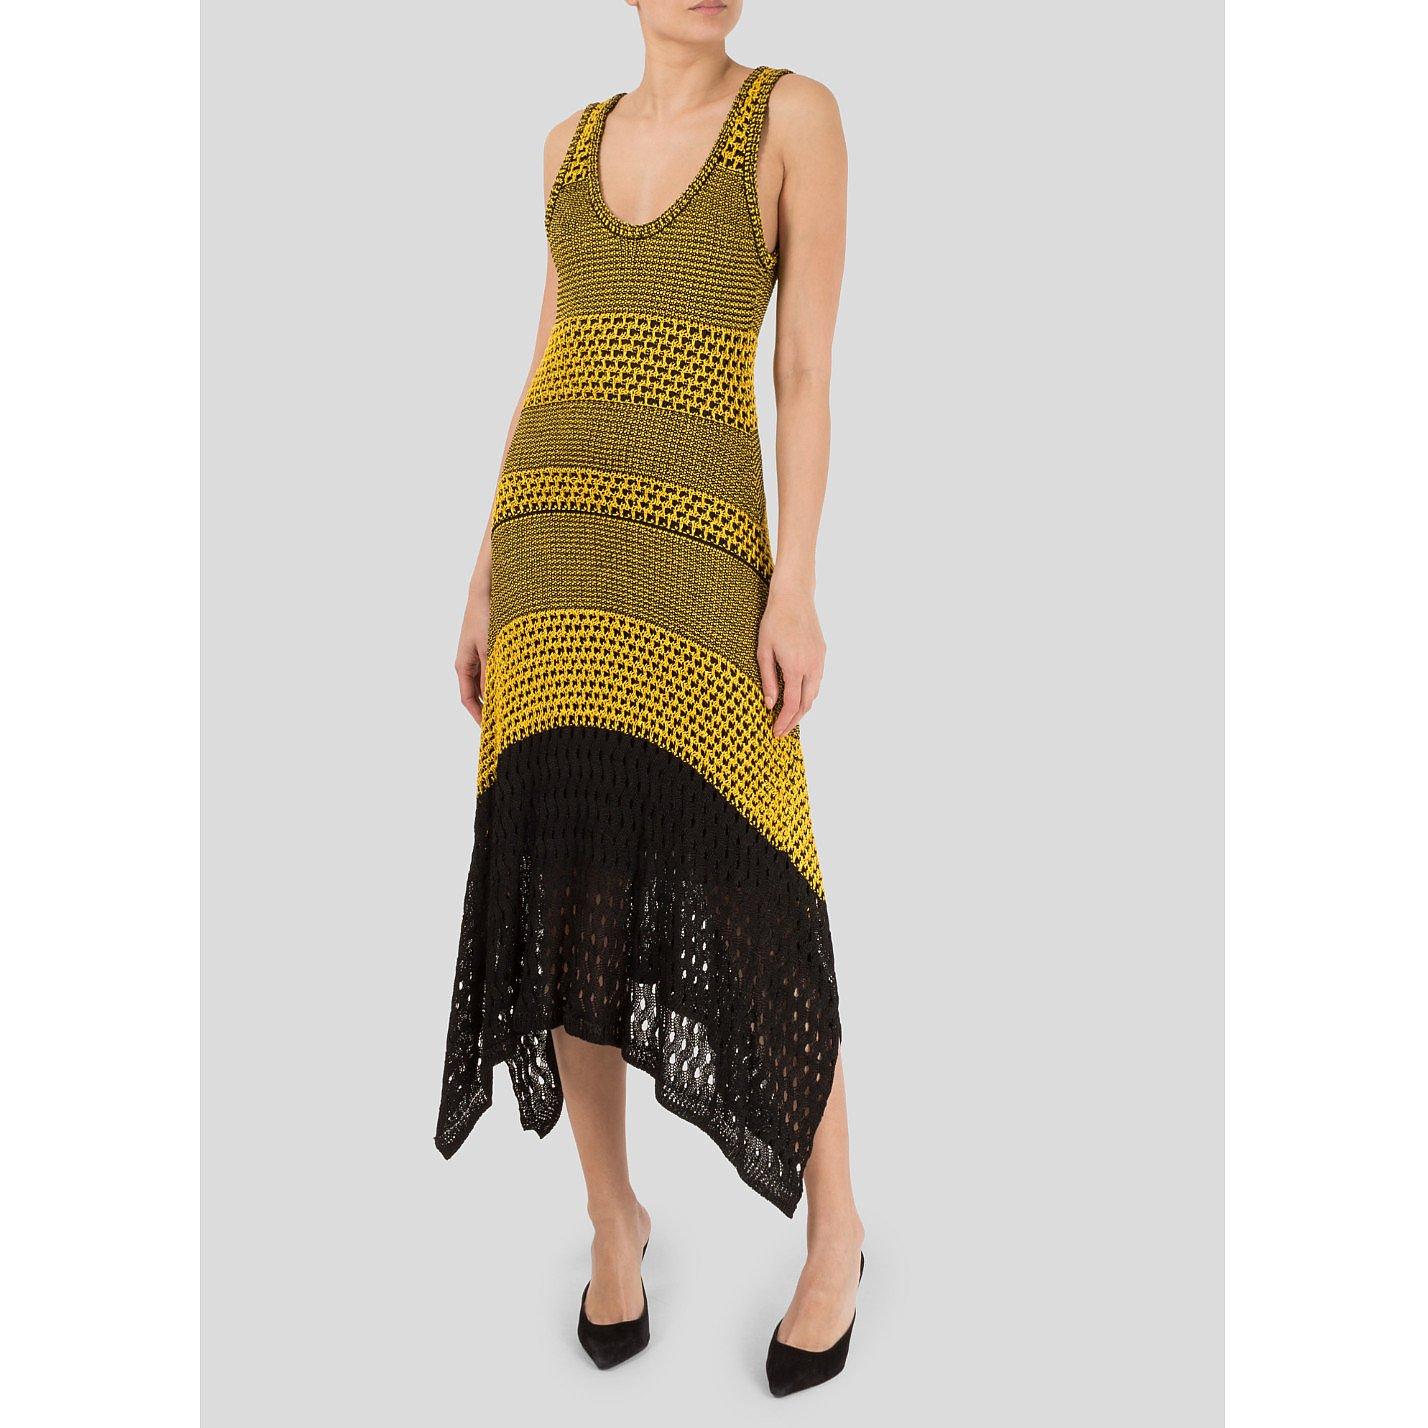 Proenza Schouler Sleeveless Bi-Colour Crochet Dress